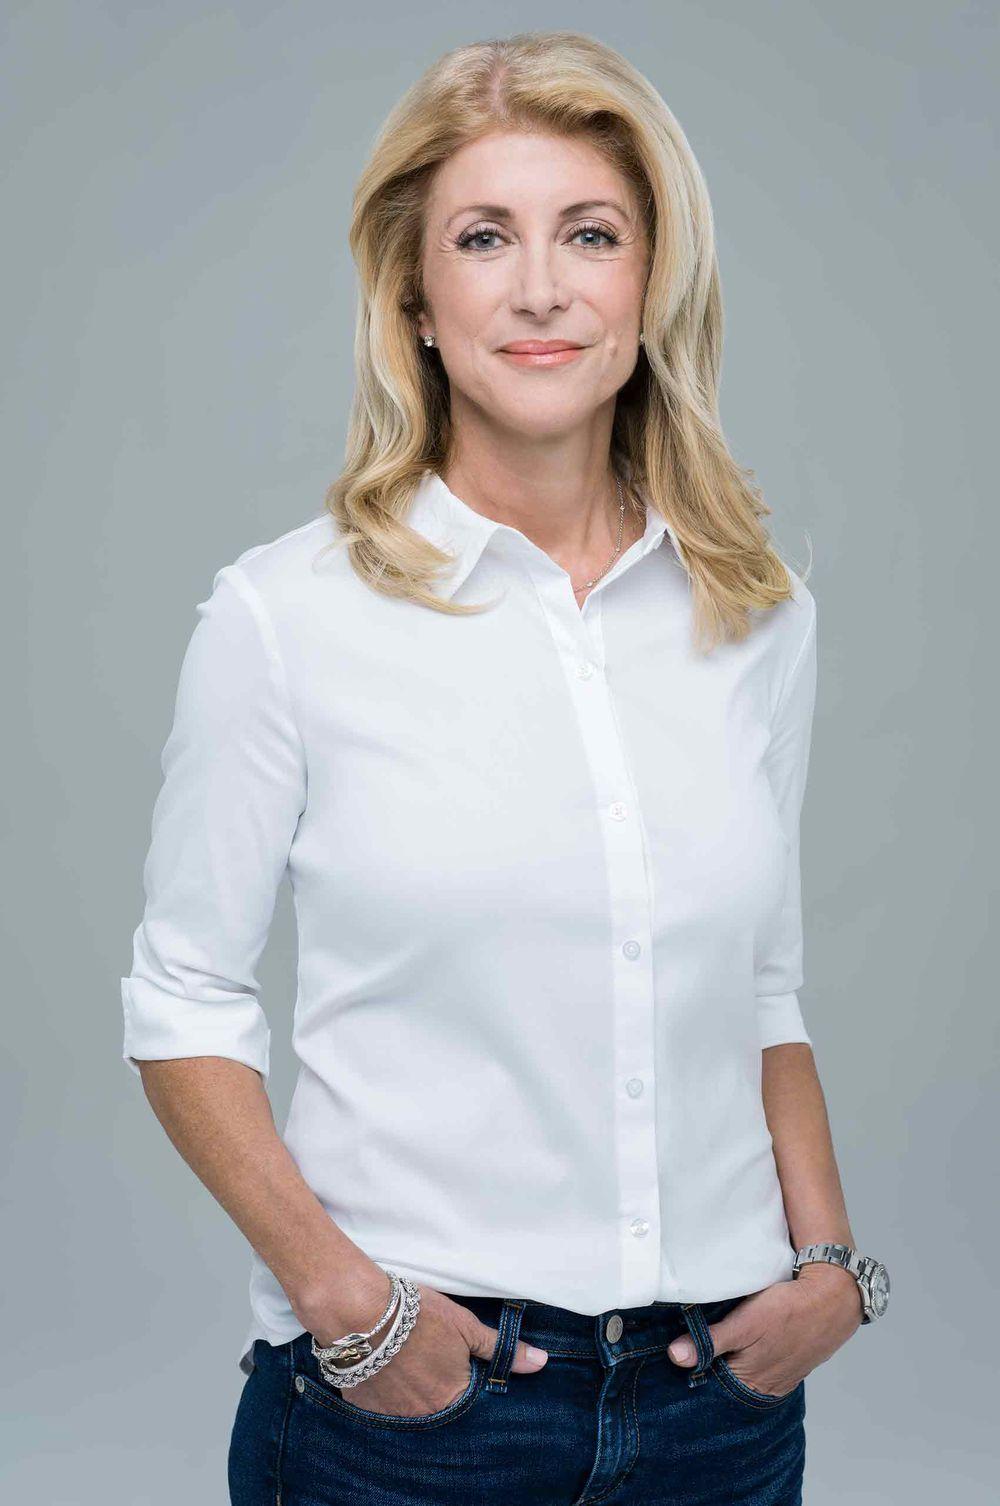 Politician-WendyDavis-by-HenrikOlundPhotography2.jpg